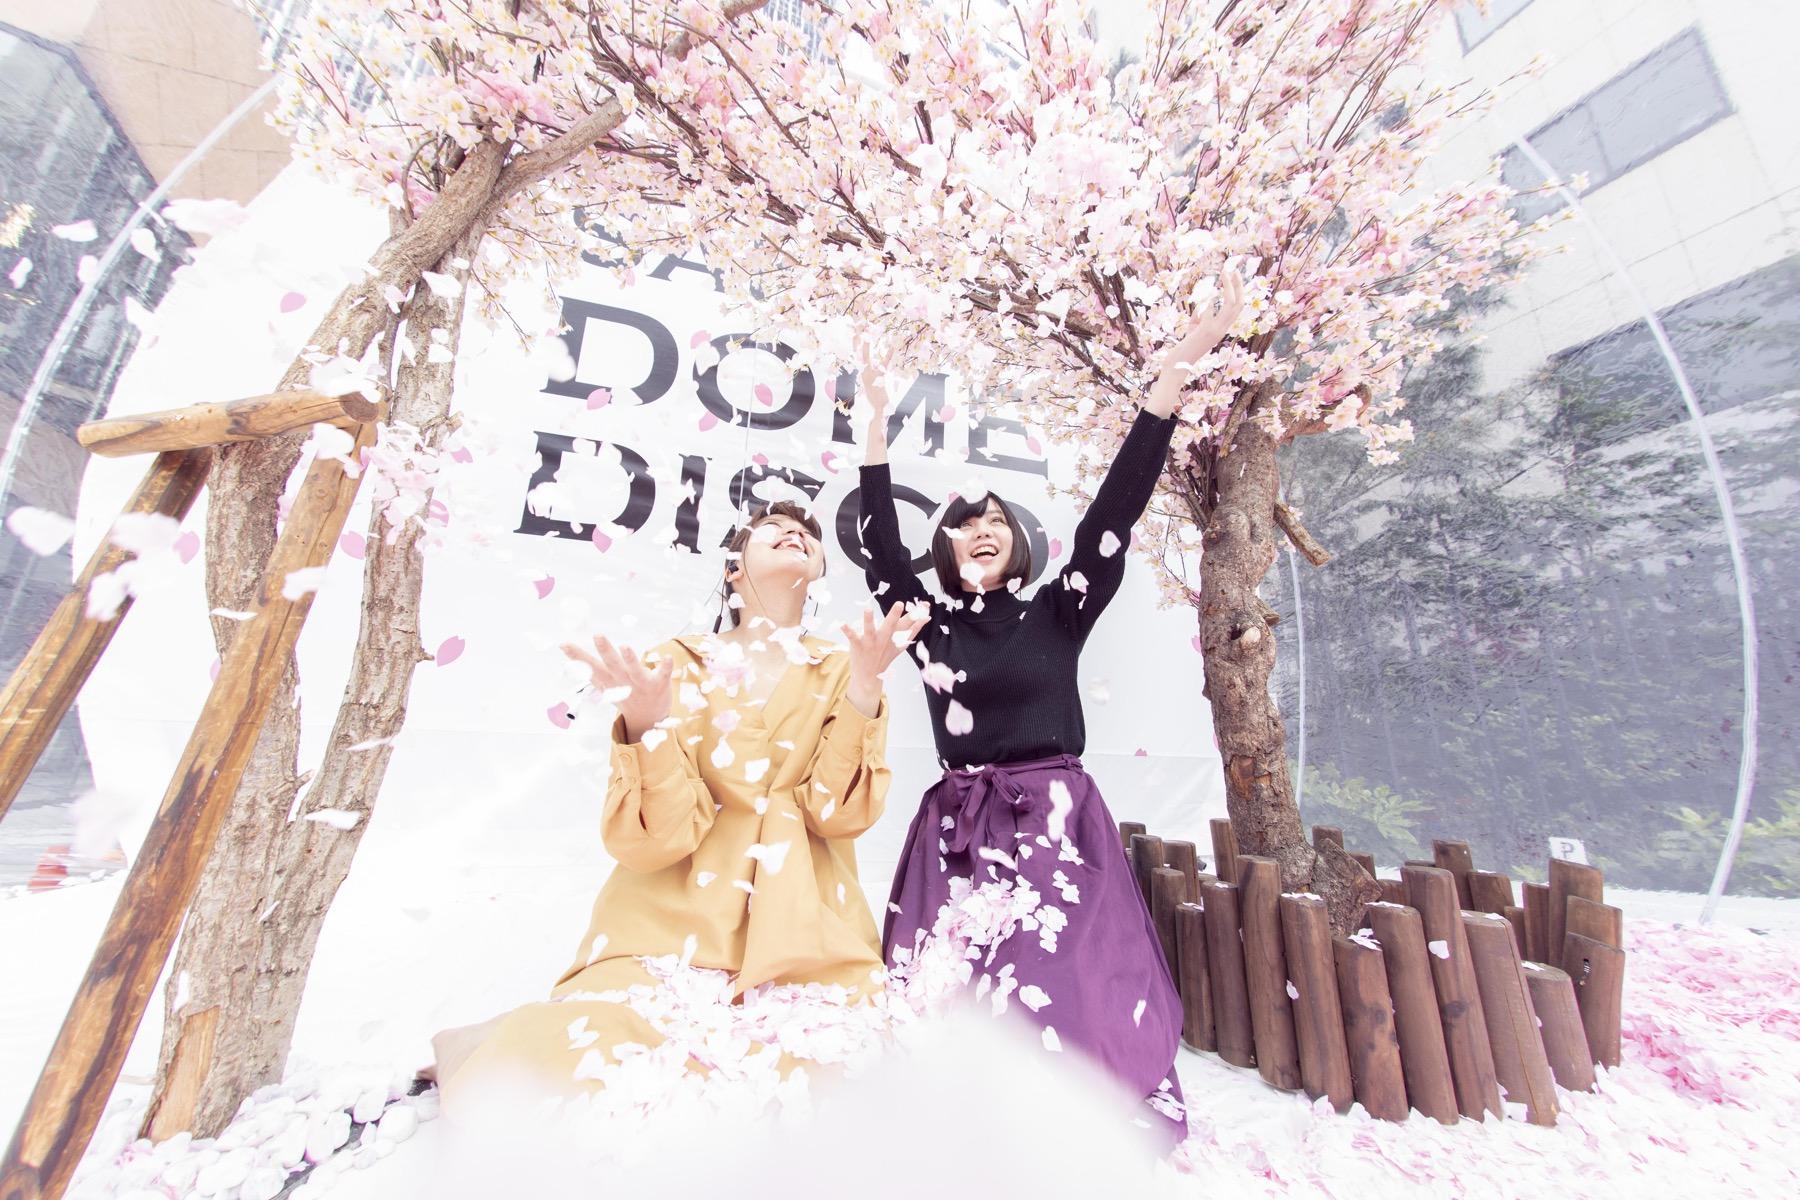 190421_SAKURA DOME DISCO_top20 - 11 / 20